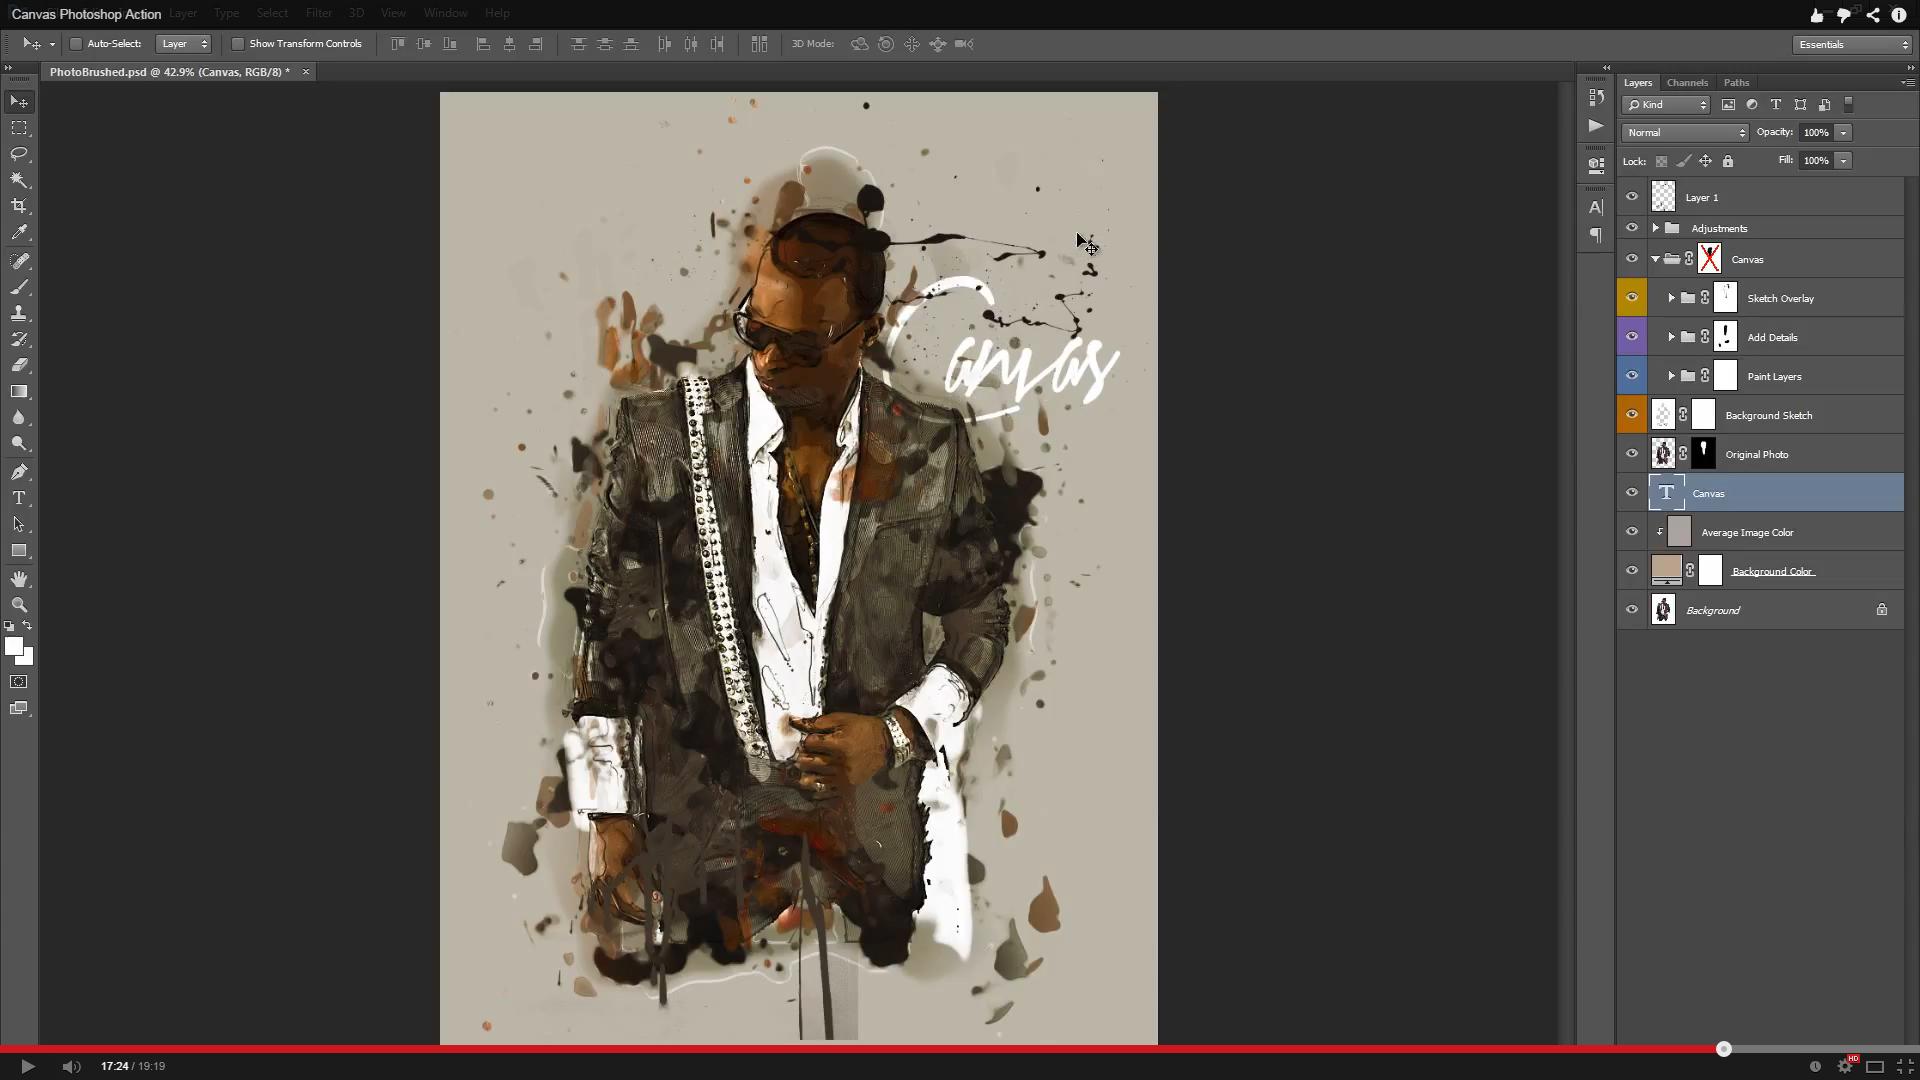 Canvas Photoshop Action - 1